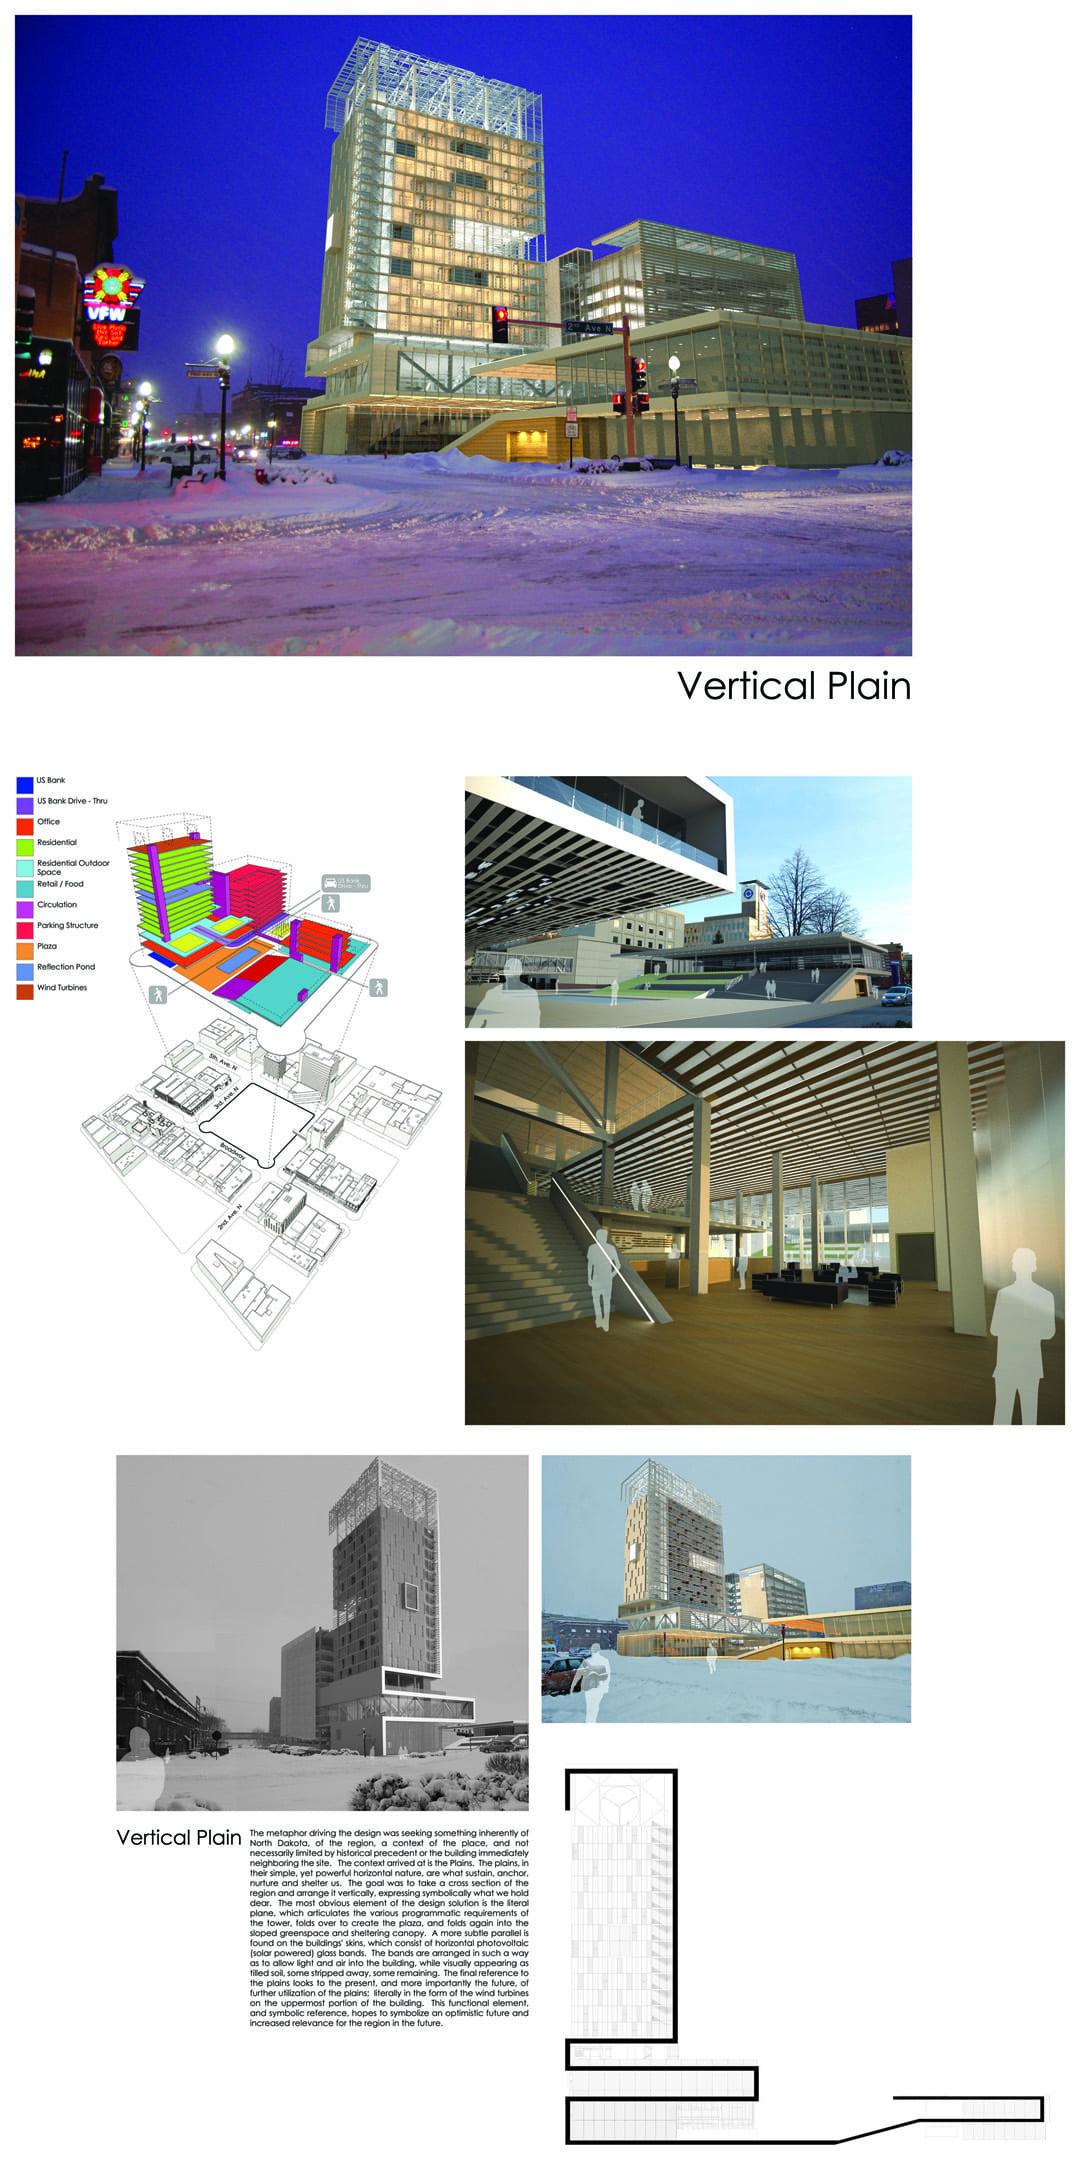 2nd.verticalplainsm